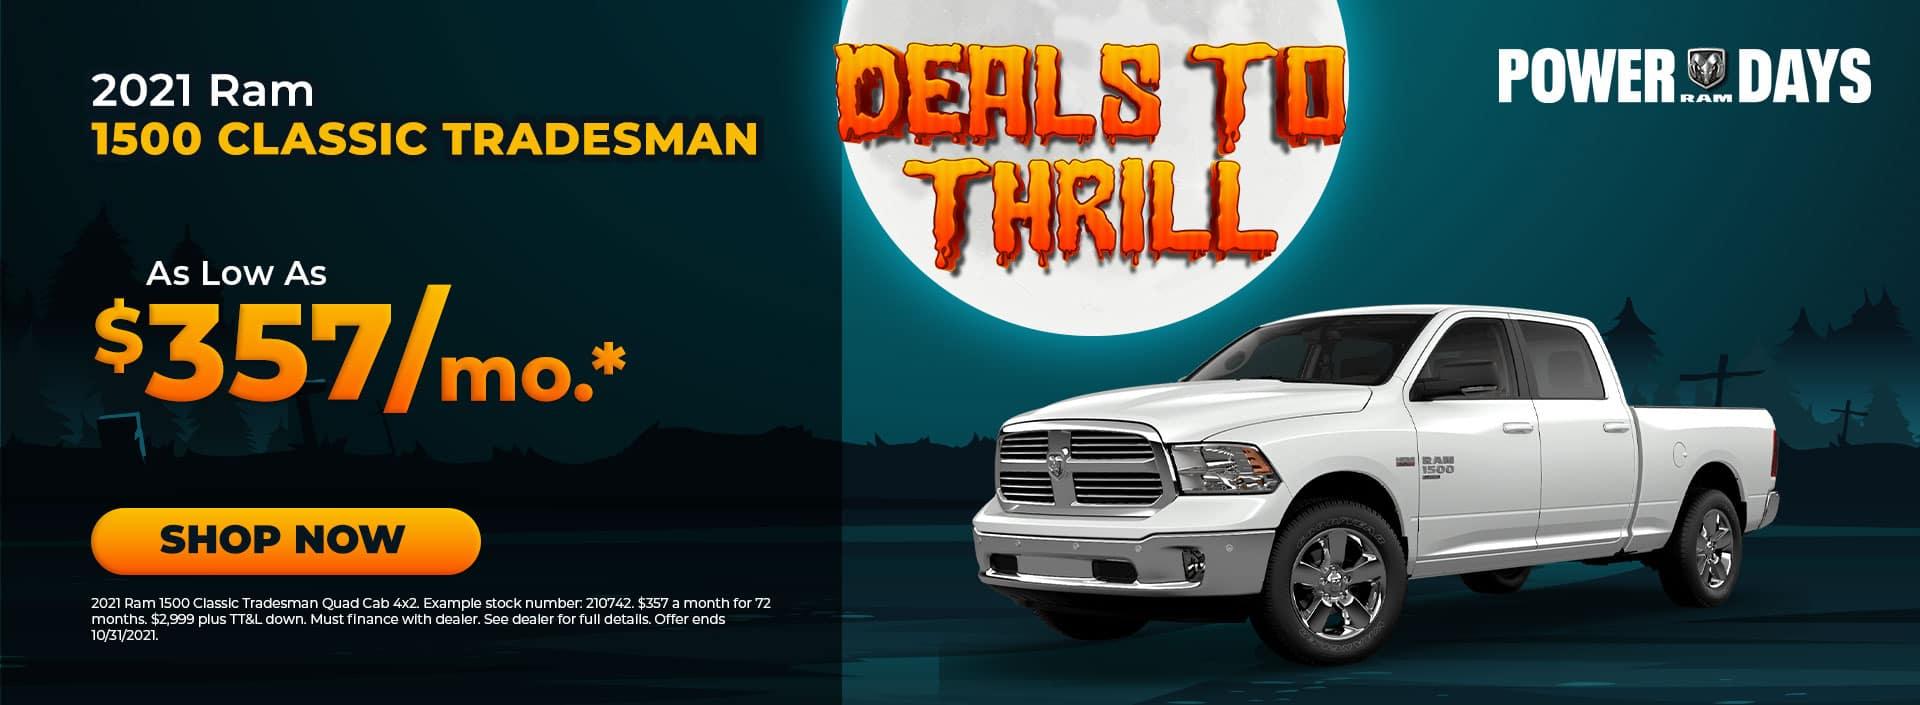 2021 Ram 1500 Classic Offer at Bonham Chrysler in Texas